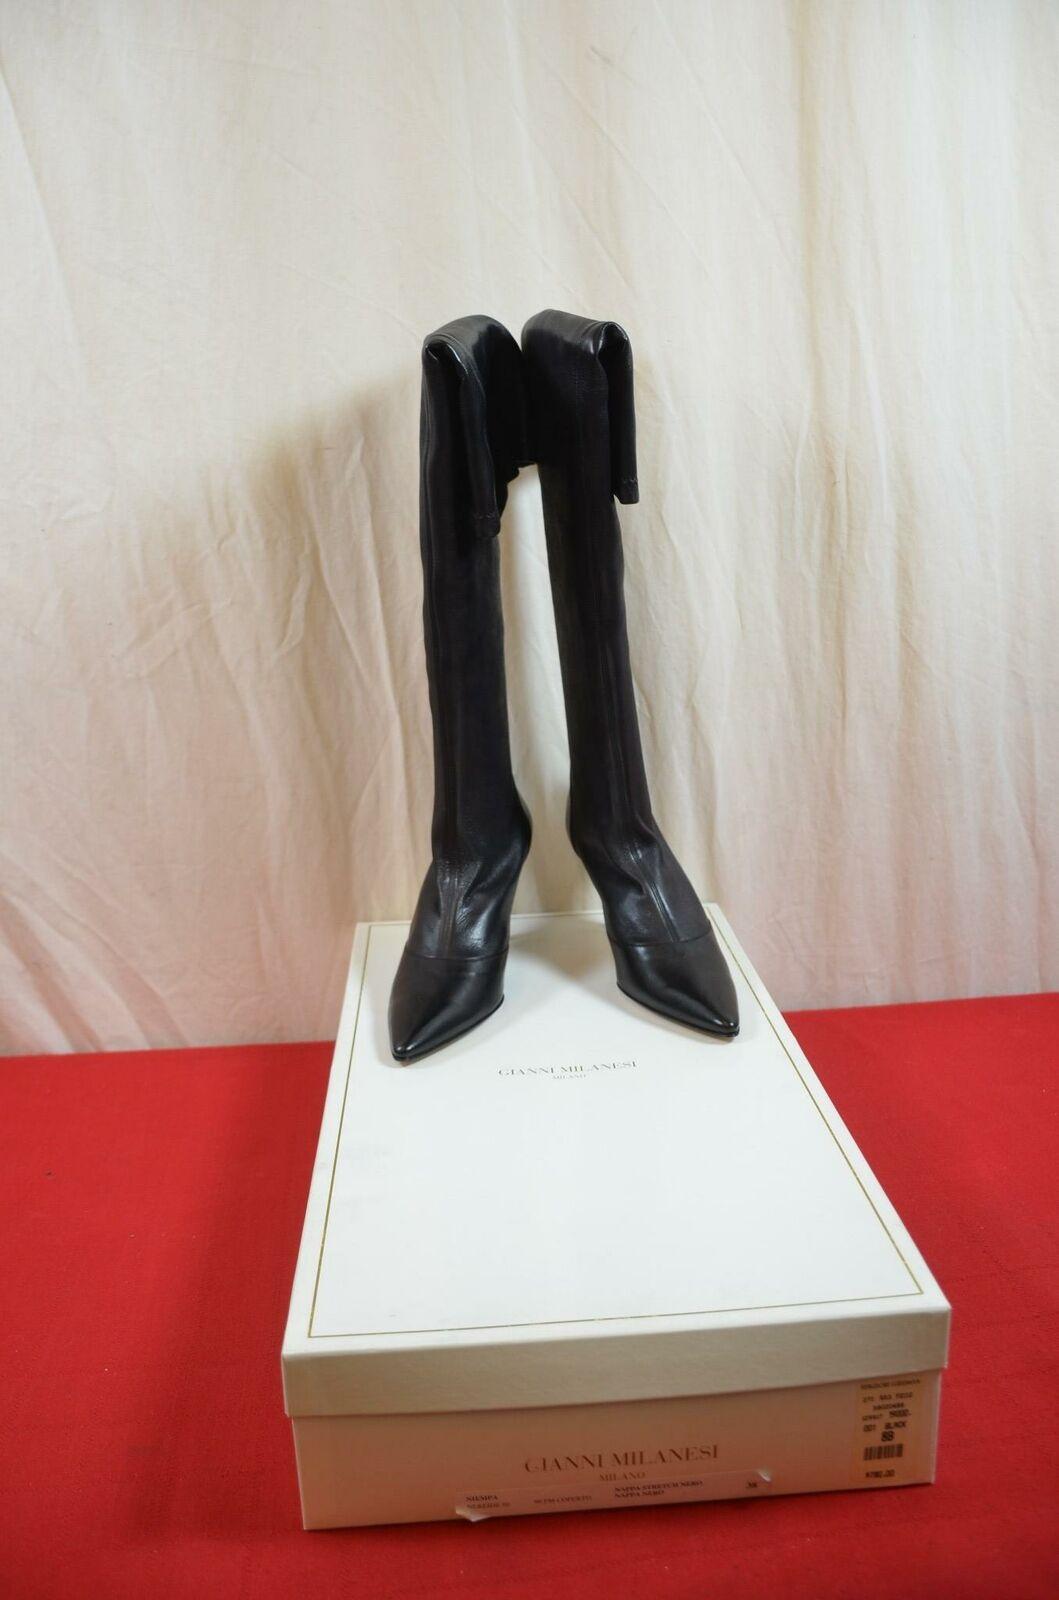 Gianni Milanesi Nappa Stretch nero Dimensione 38 New Calf stivali Heels  1873